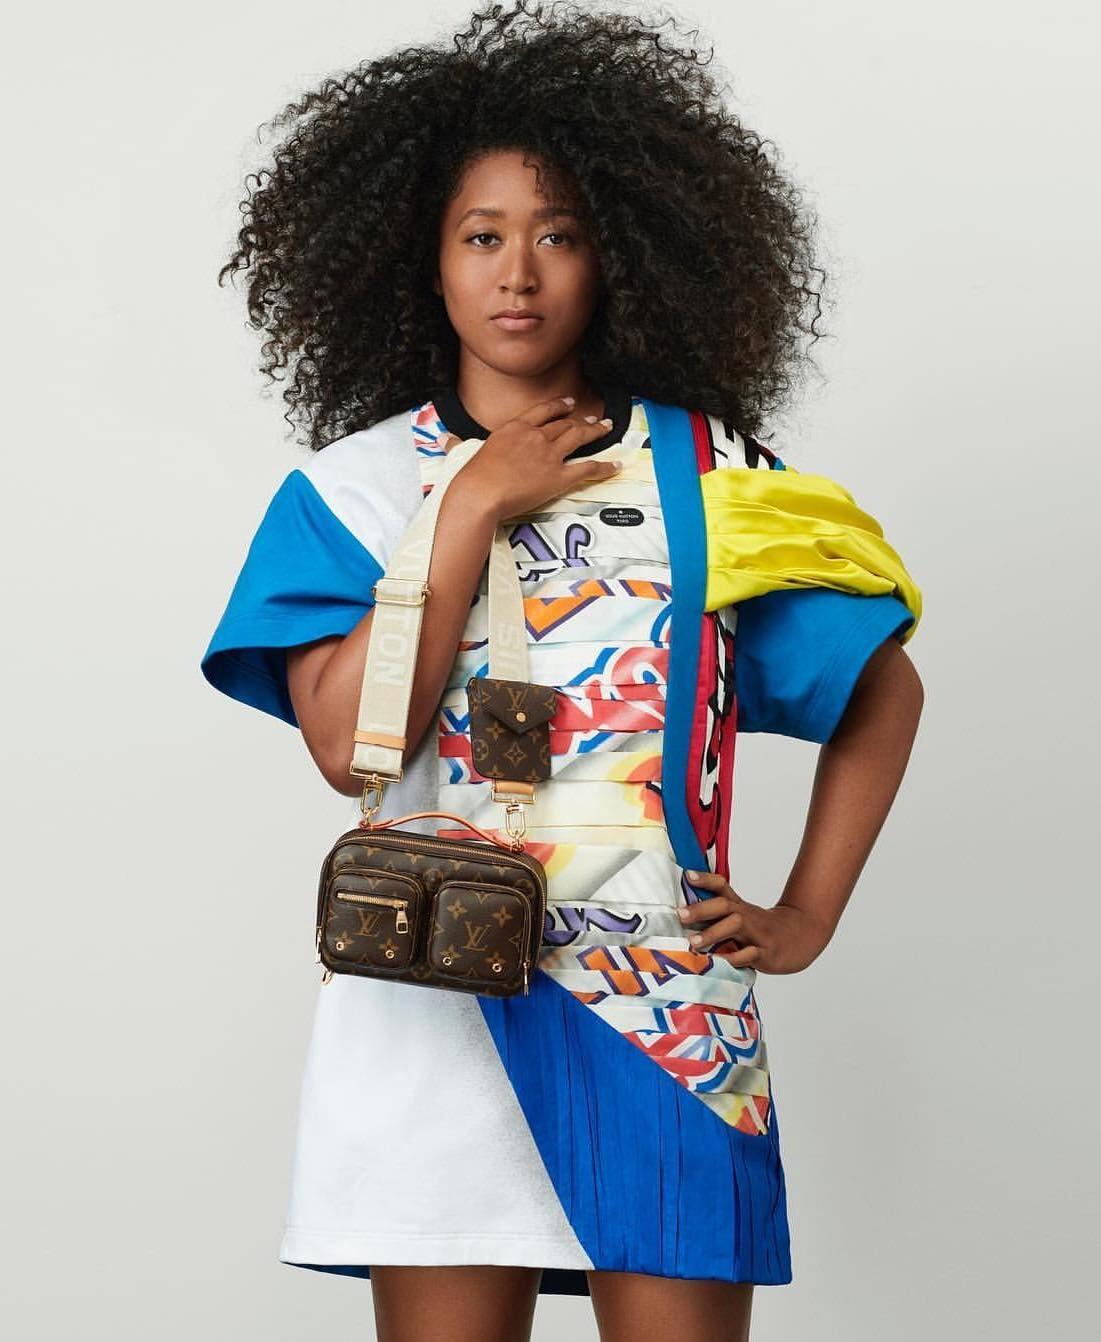 Louis Vuitton снимал в рекламе Пеле и Марадону, а теперь подписал Наоми Осаку и показал: спорт – это новый люкс